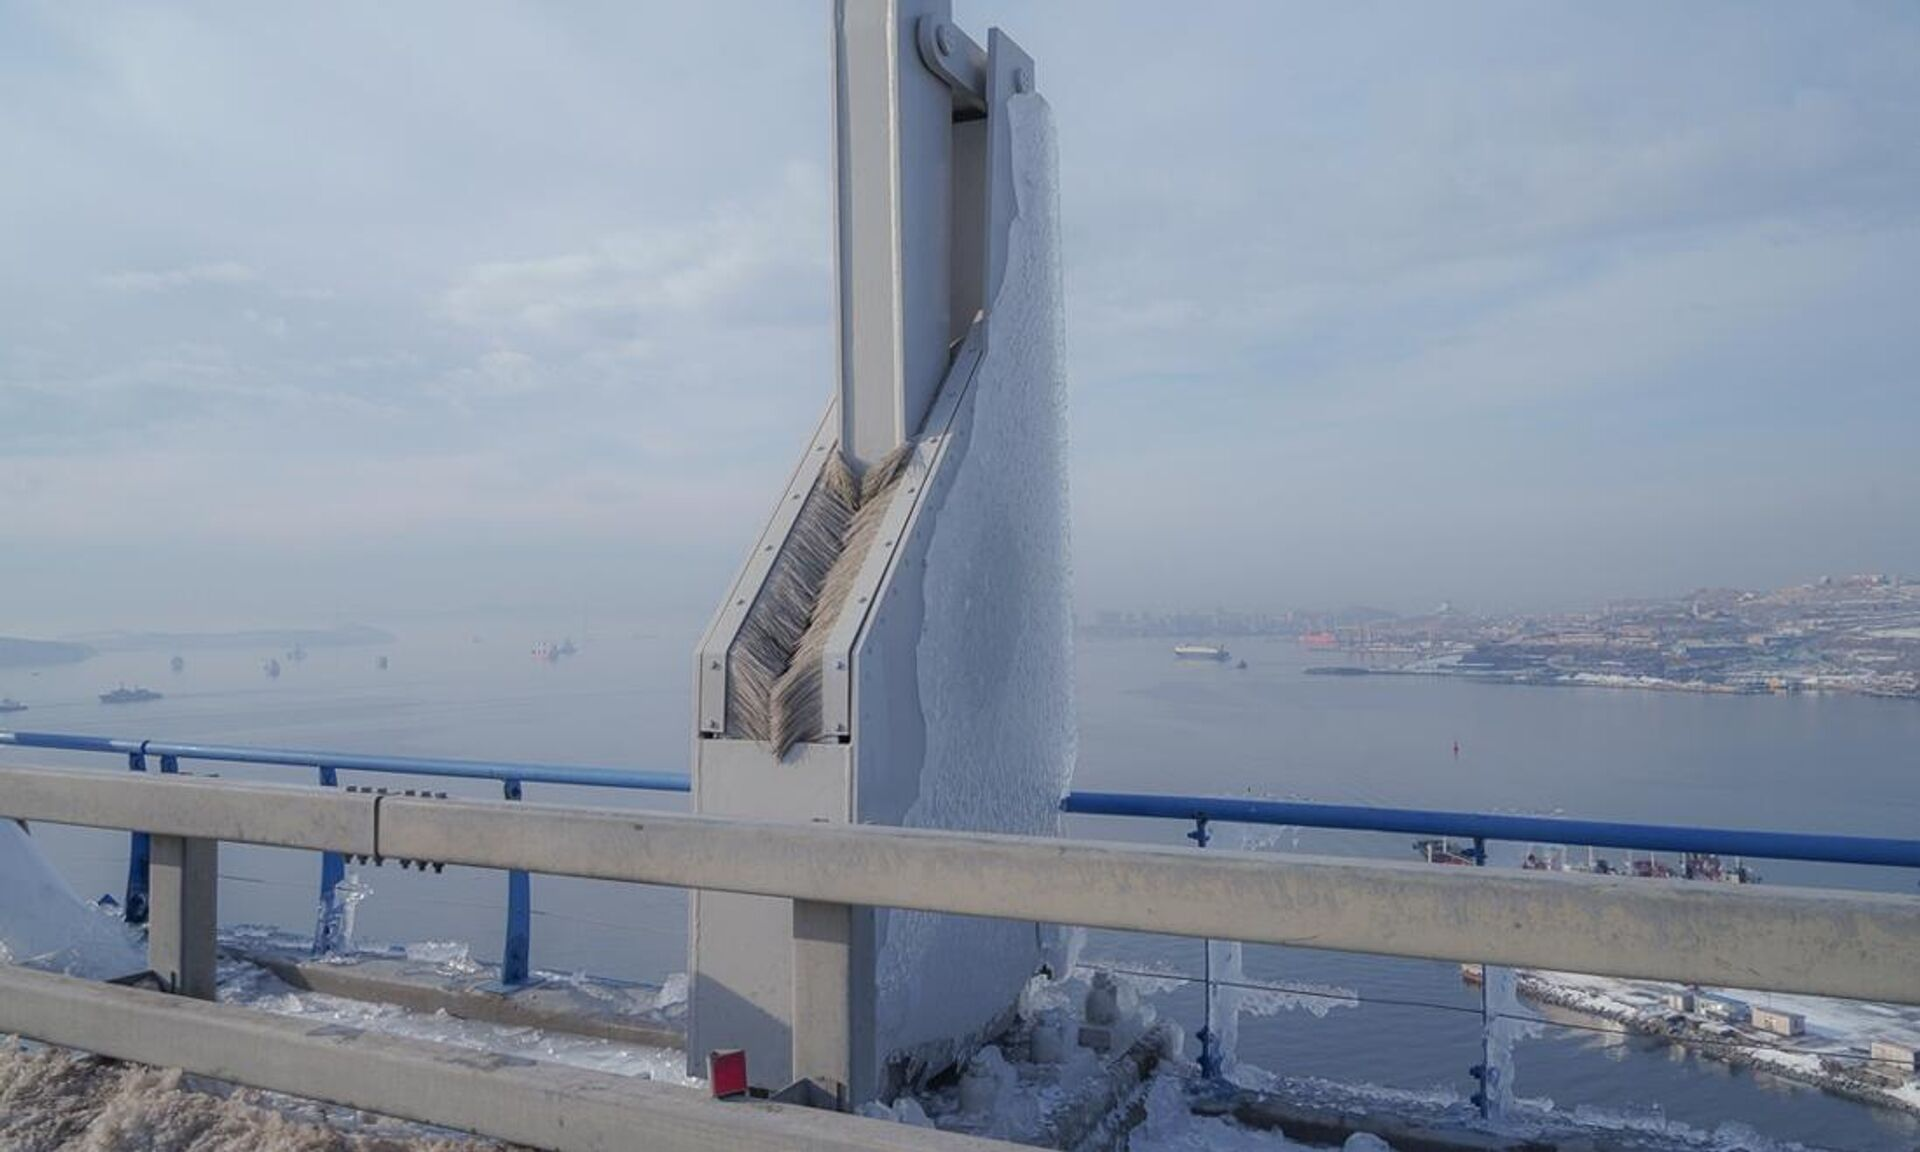 Осколки наледи, счищенные с конструкций Русского моста во Владивостоке - РИА Новости, 1920, 01.12.2020